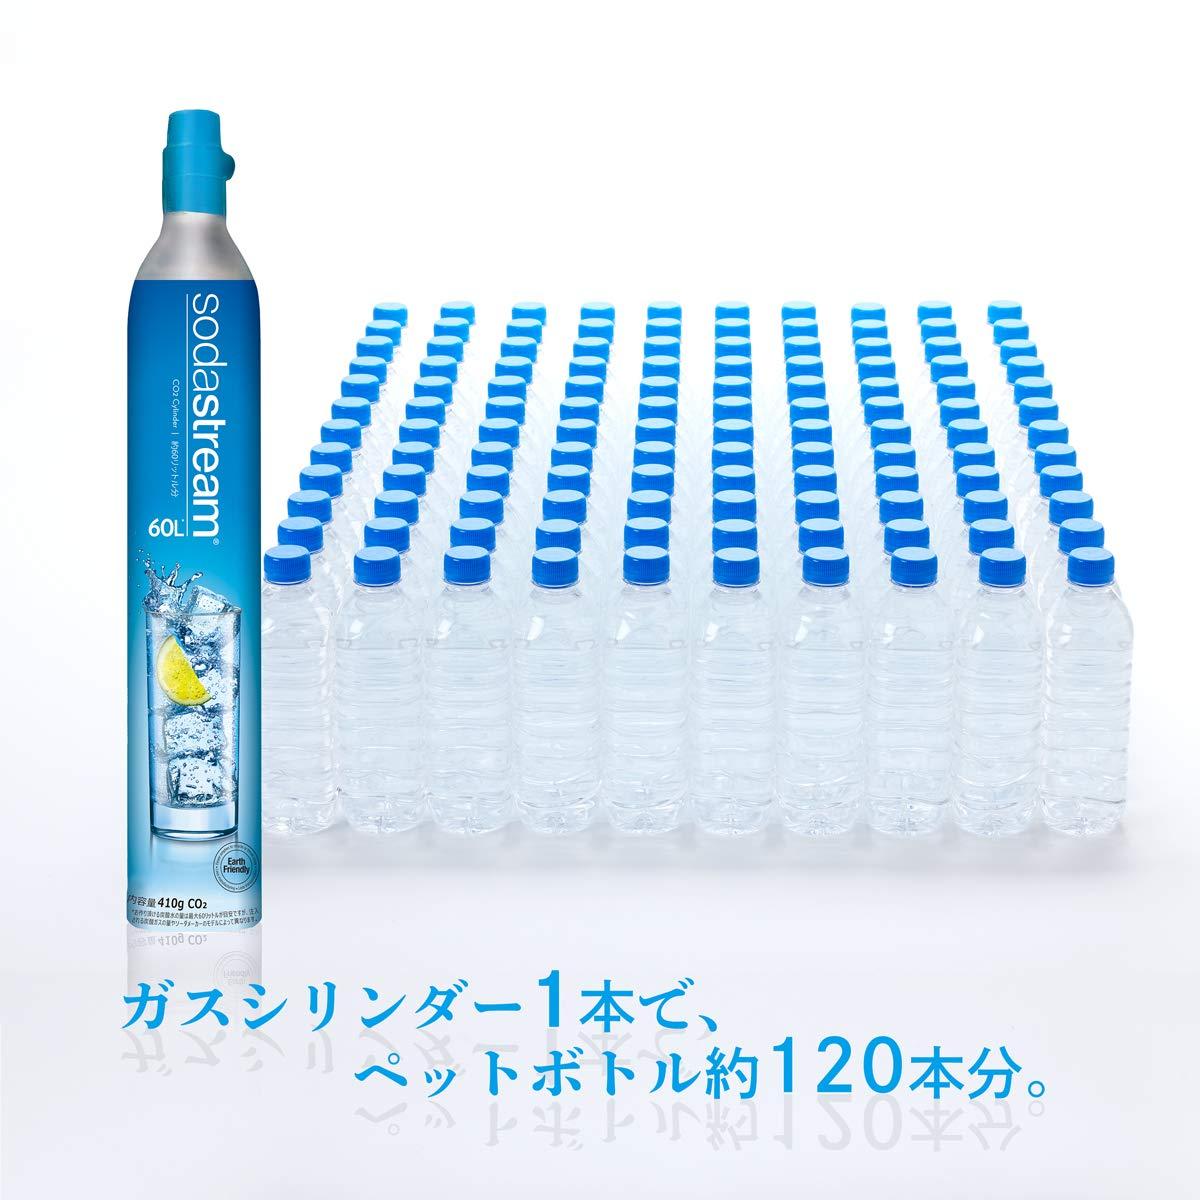 炭酸水メーカー